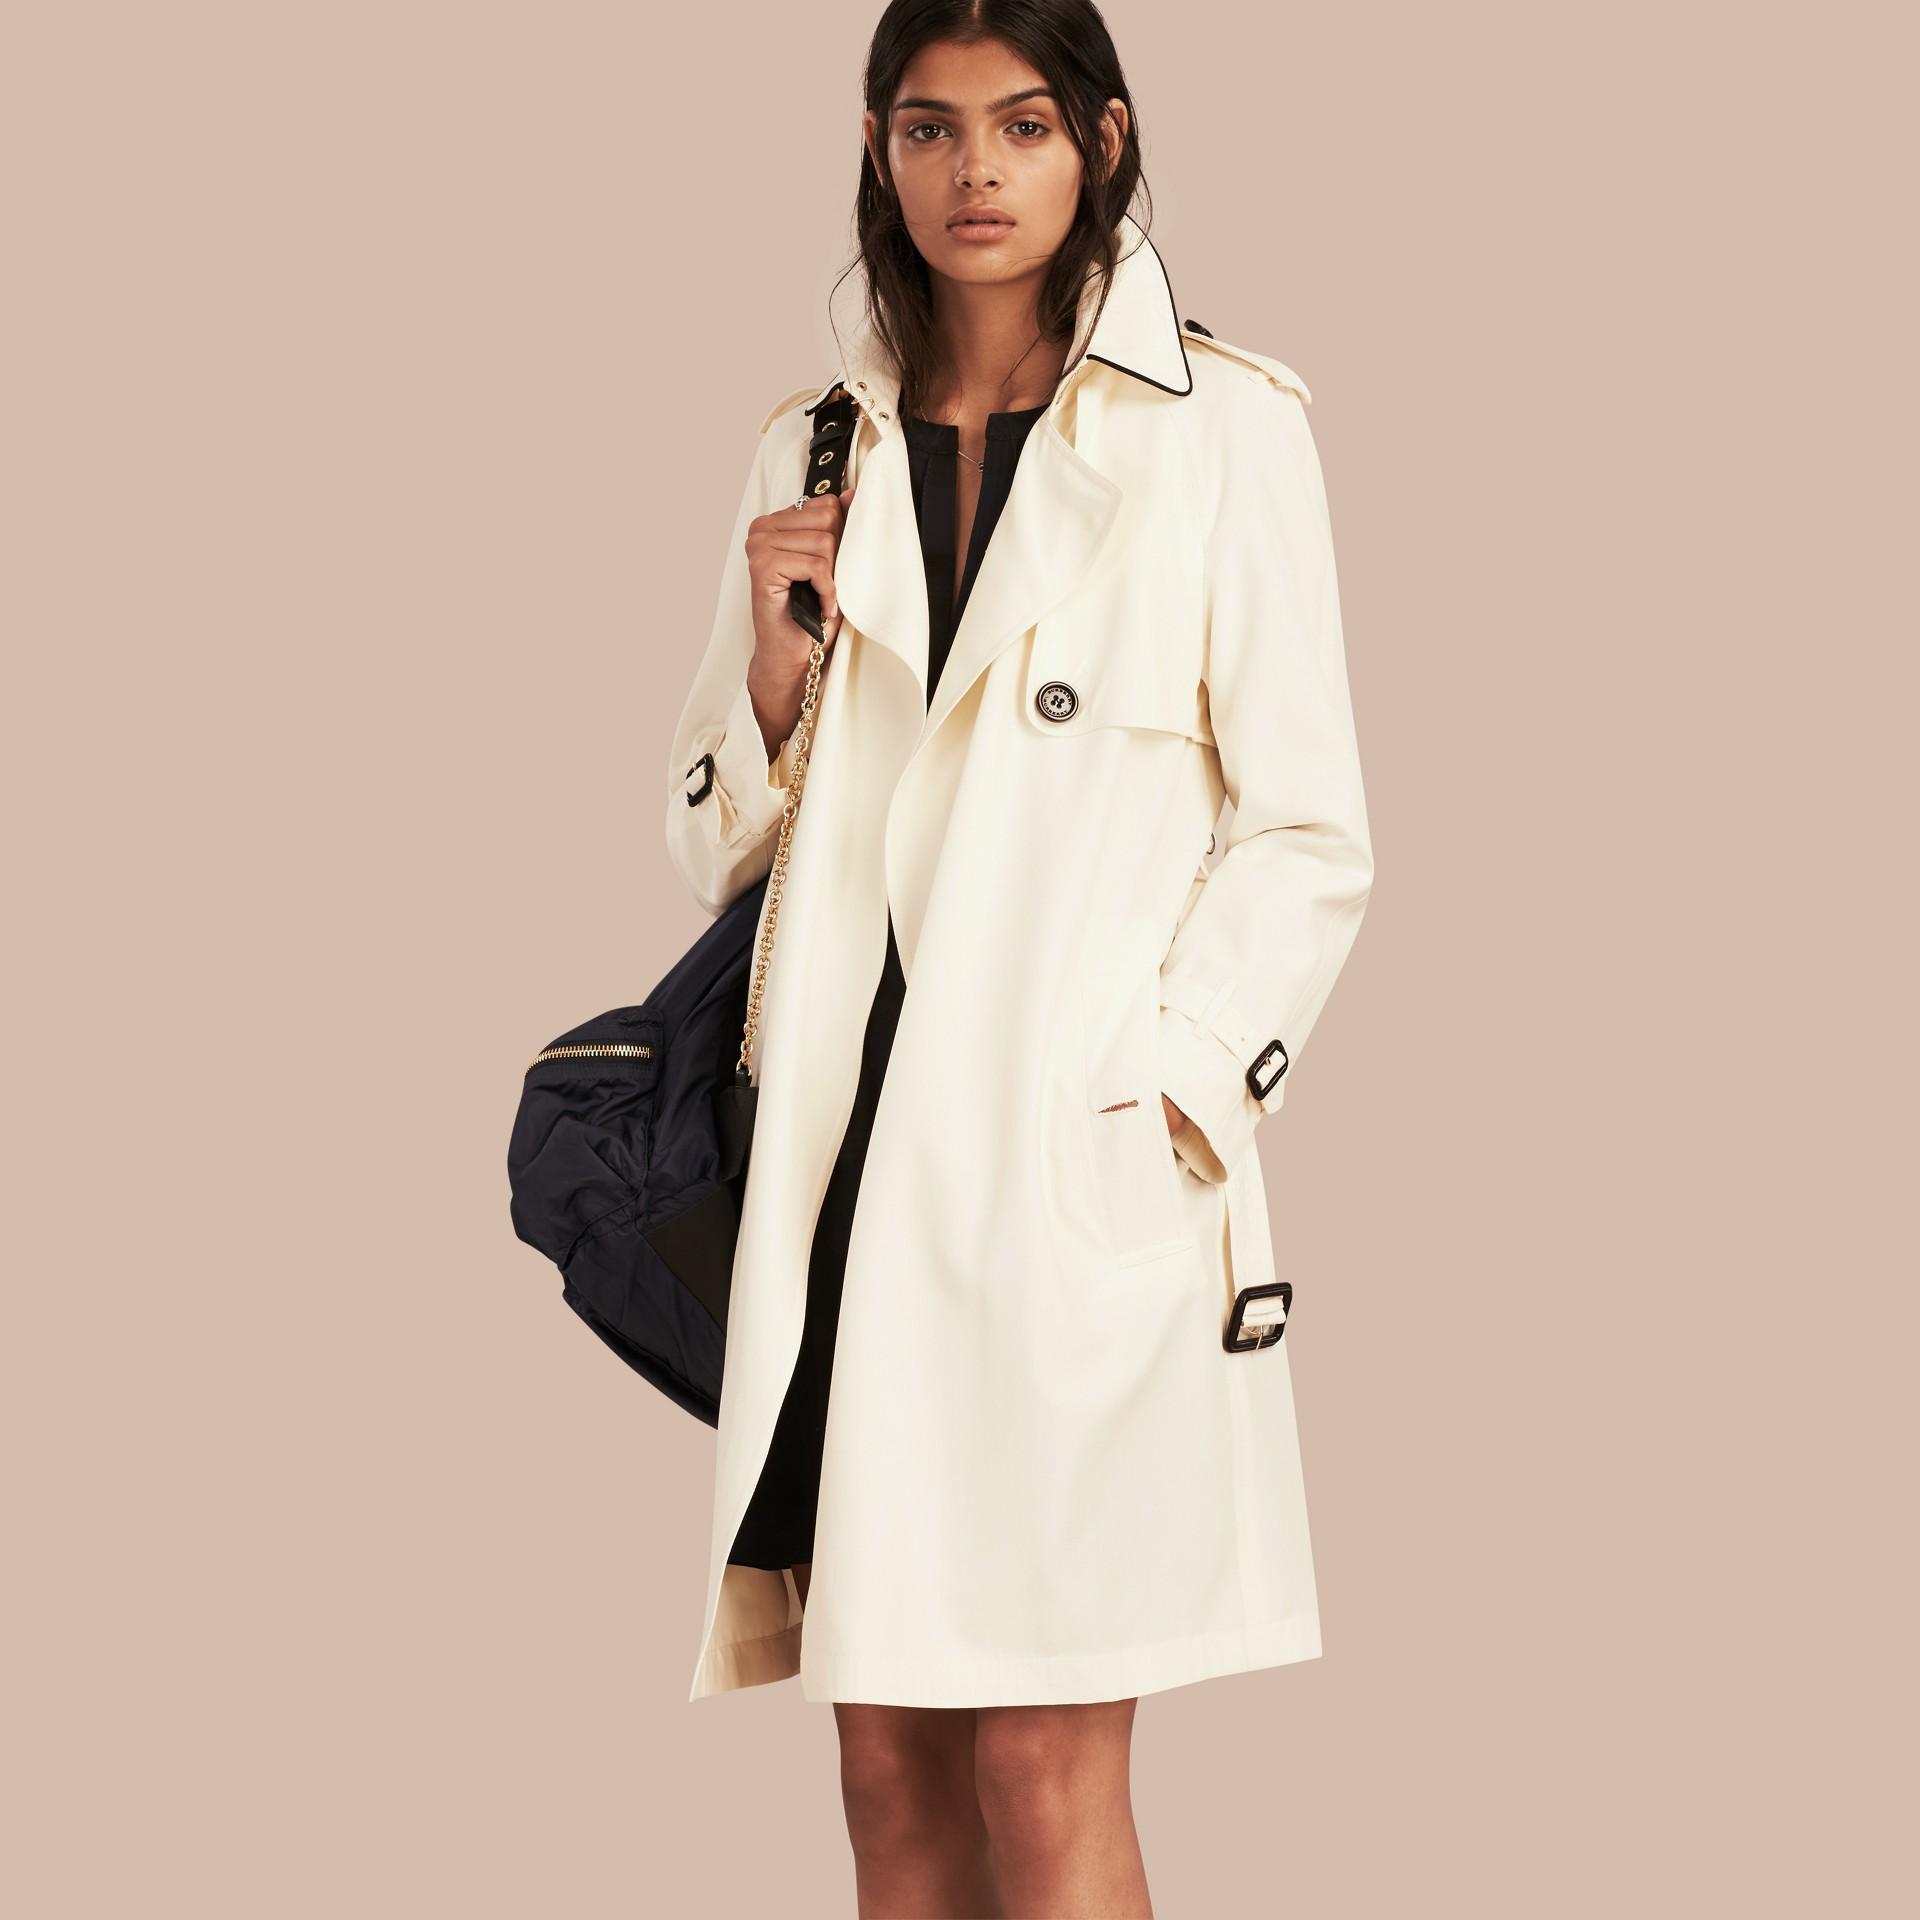 Parchemin Trench-coat en soie avec détails oversize Parchemin - photo de la galerie 1